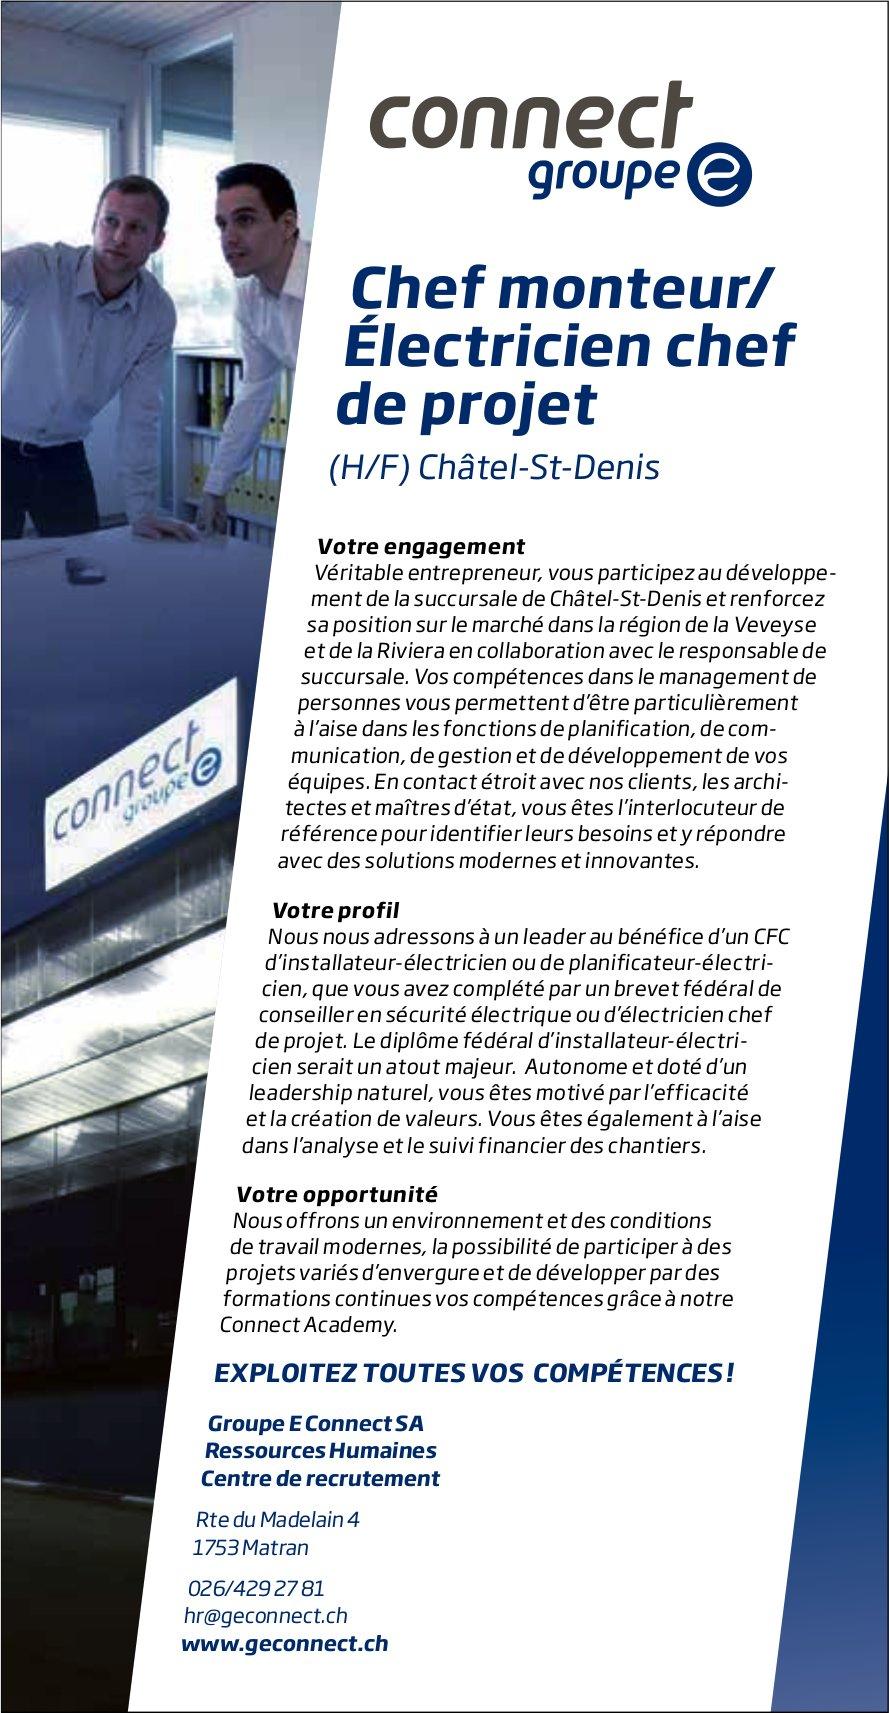 Chef monteur/Électricien chef de projet (h/f), Connect group, Châtel-st-denis, recherché